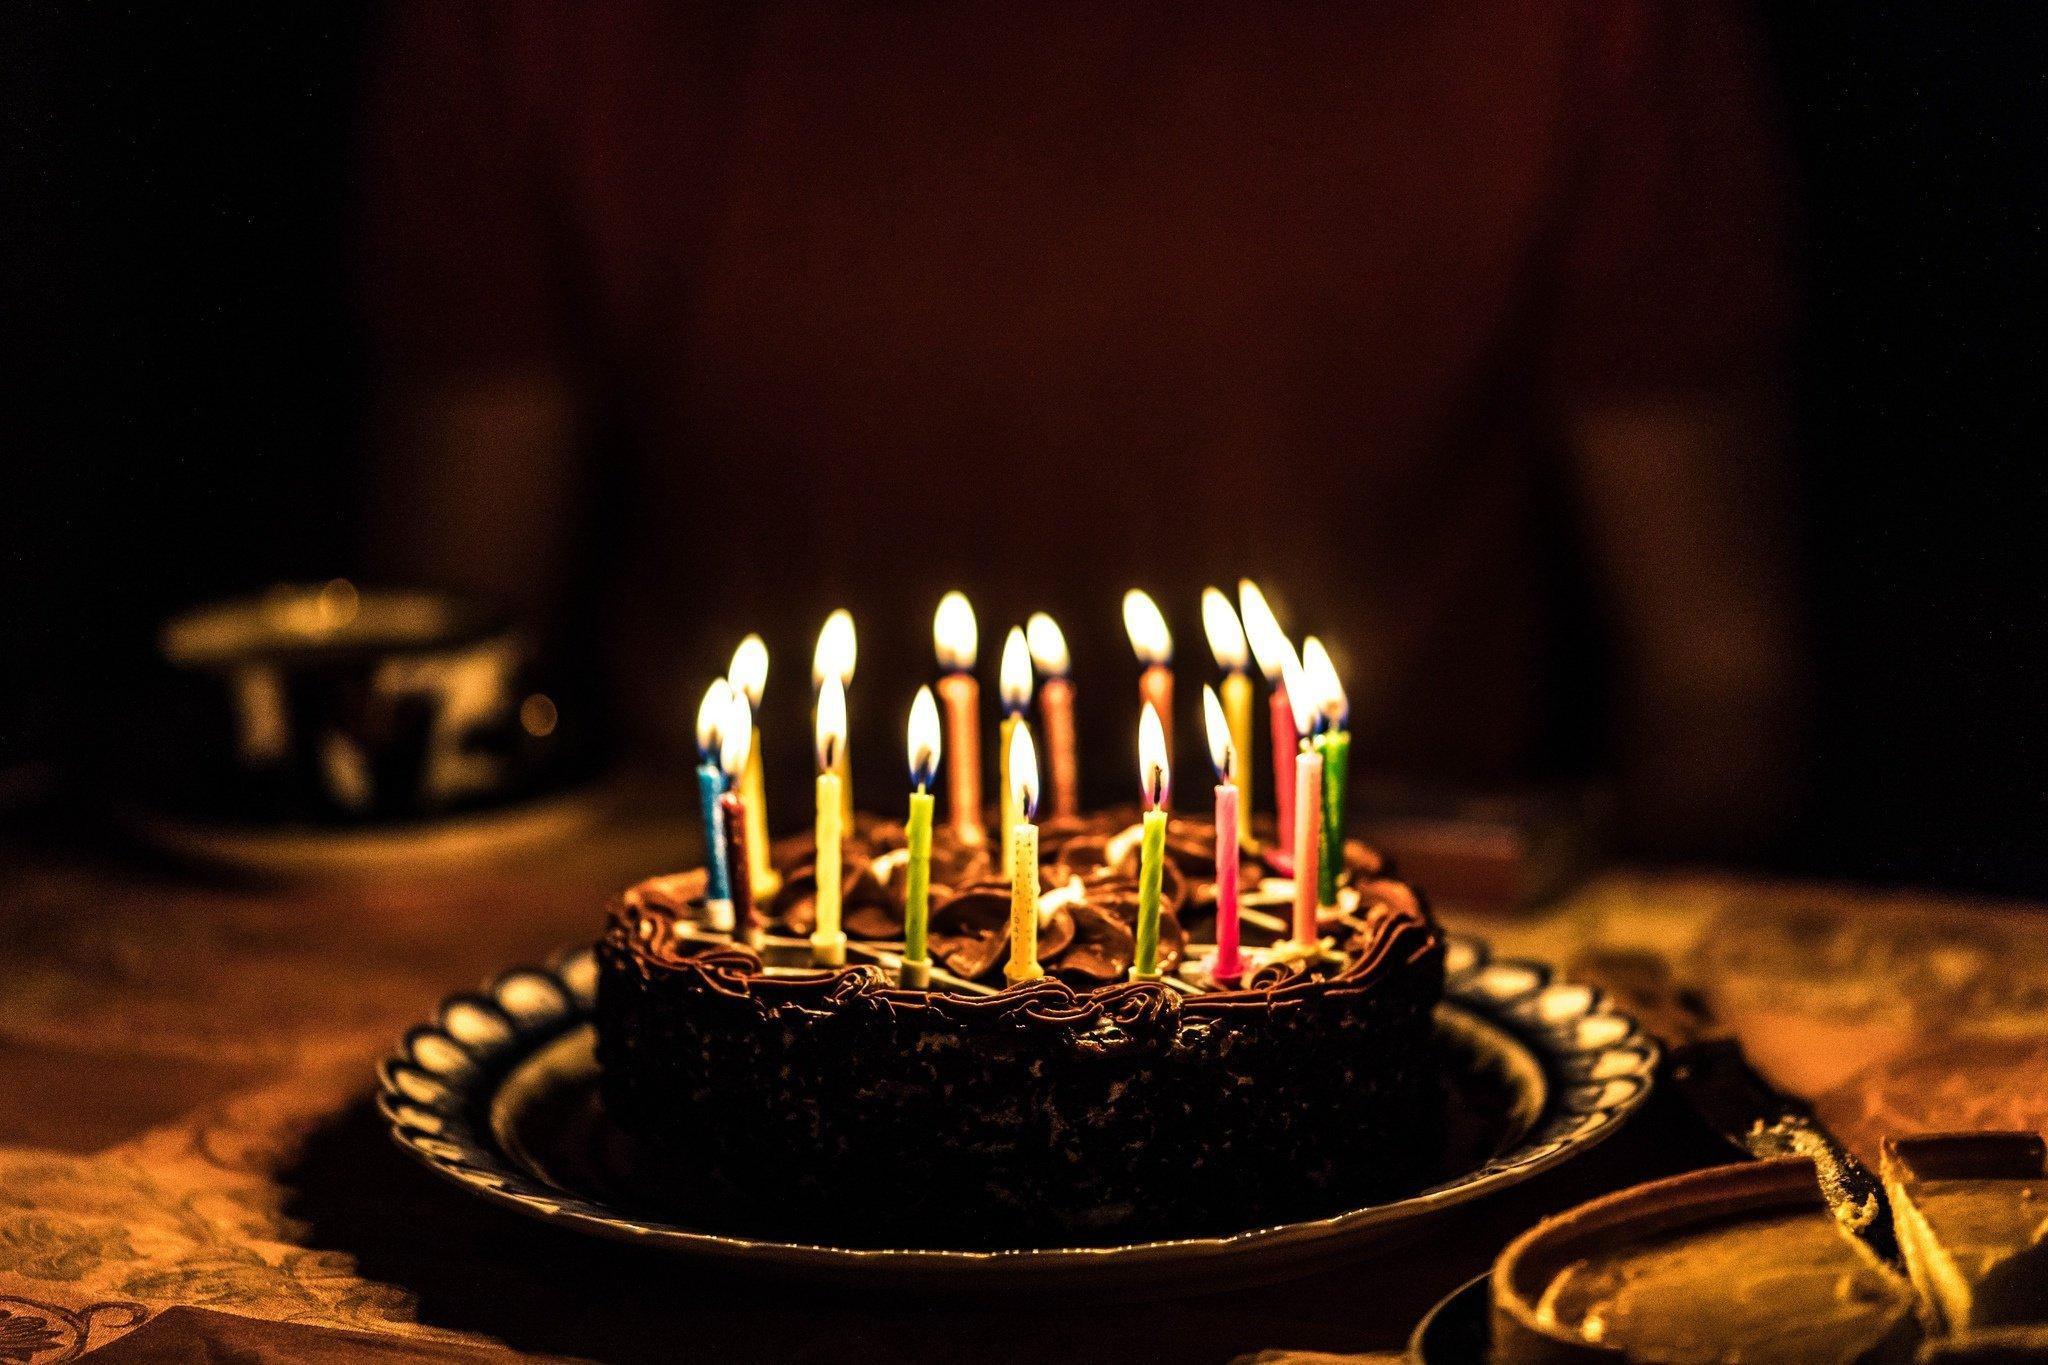 могут живая картинка торт и свечи фотокристаллы можно практически